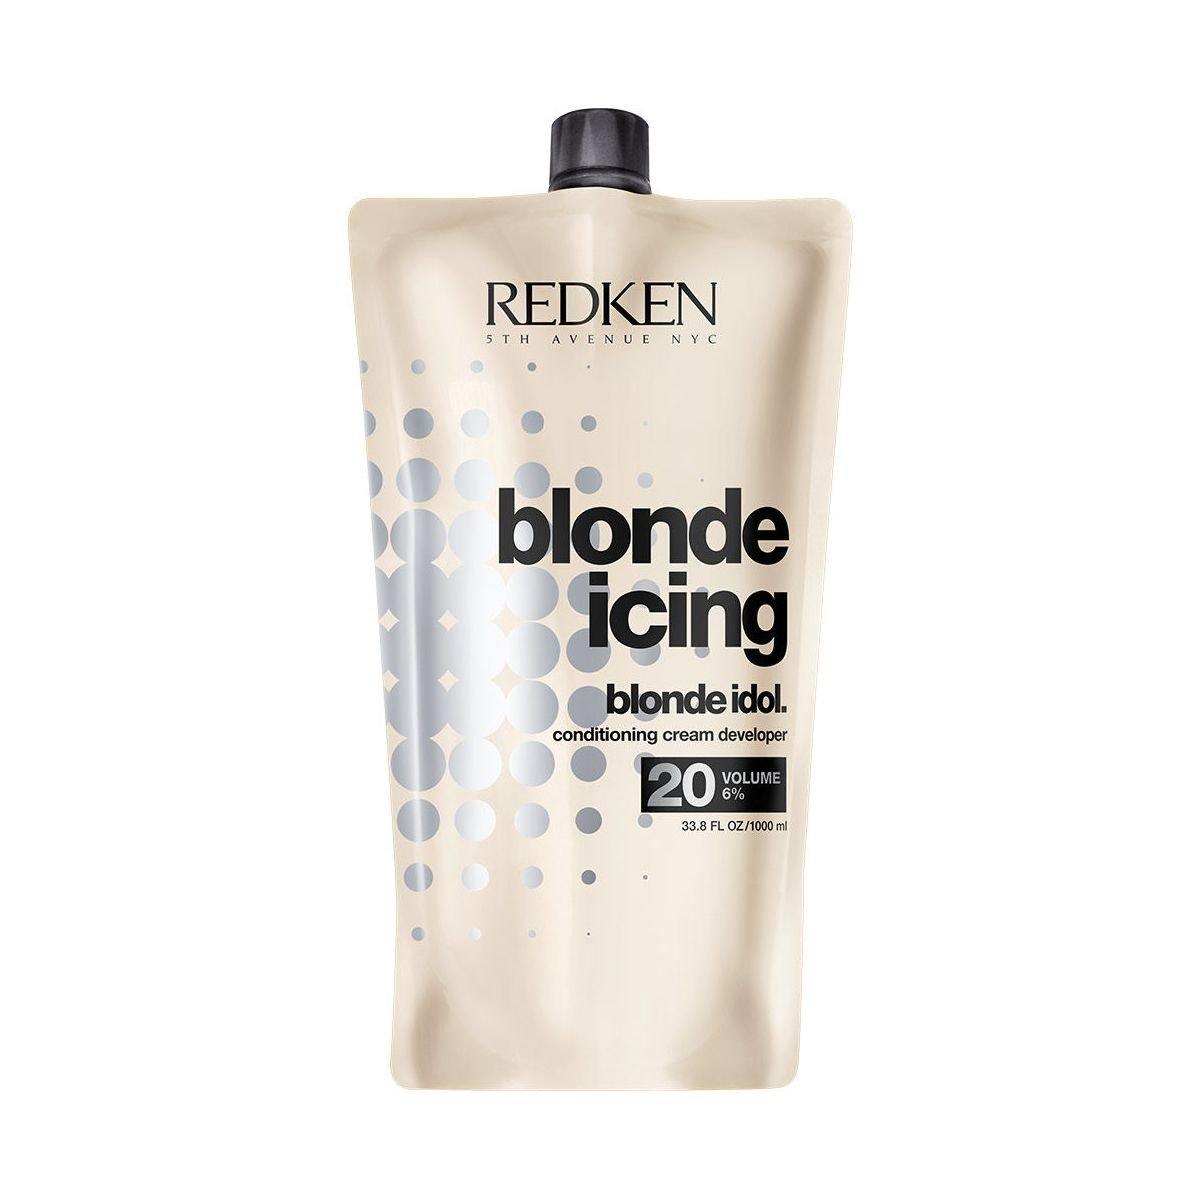 Redken Blonde Idol Conditioner Cream Developer - Volume 20 / 6%